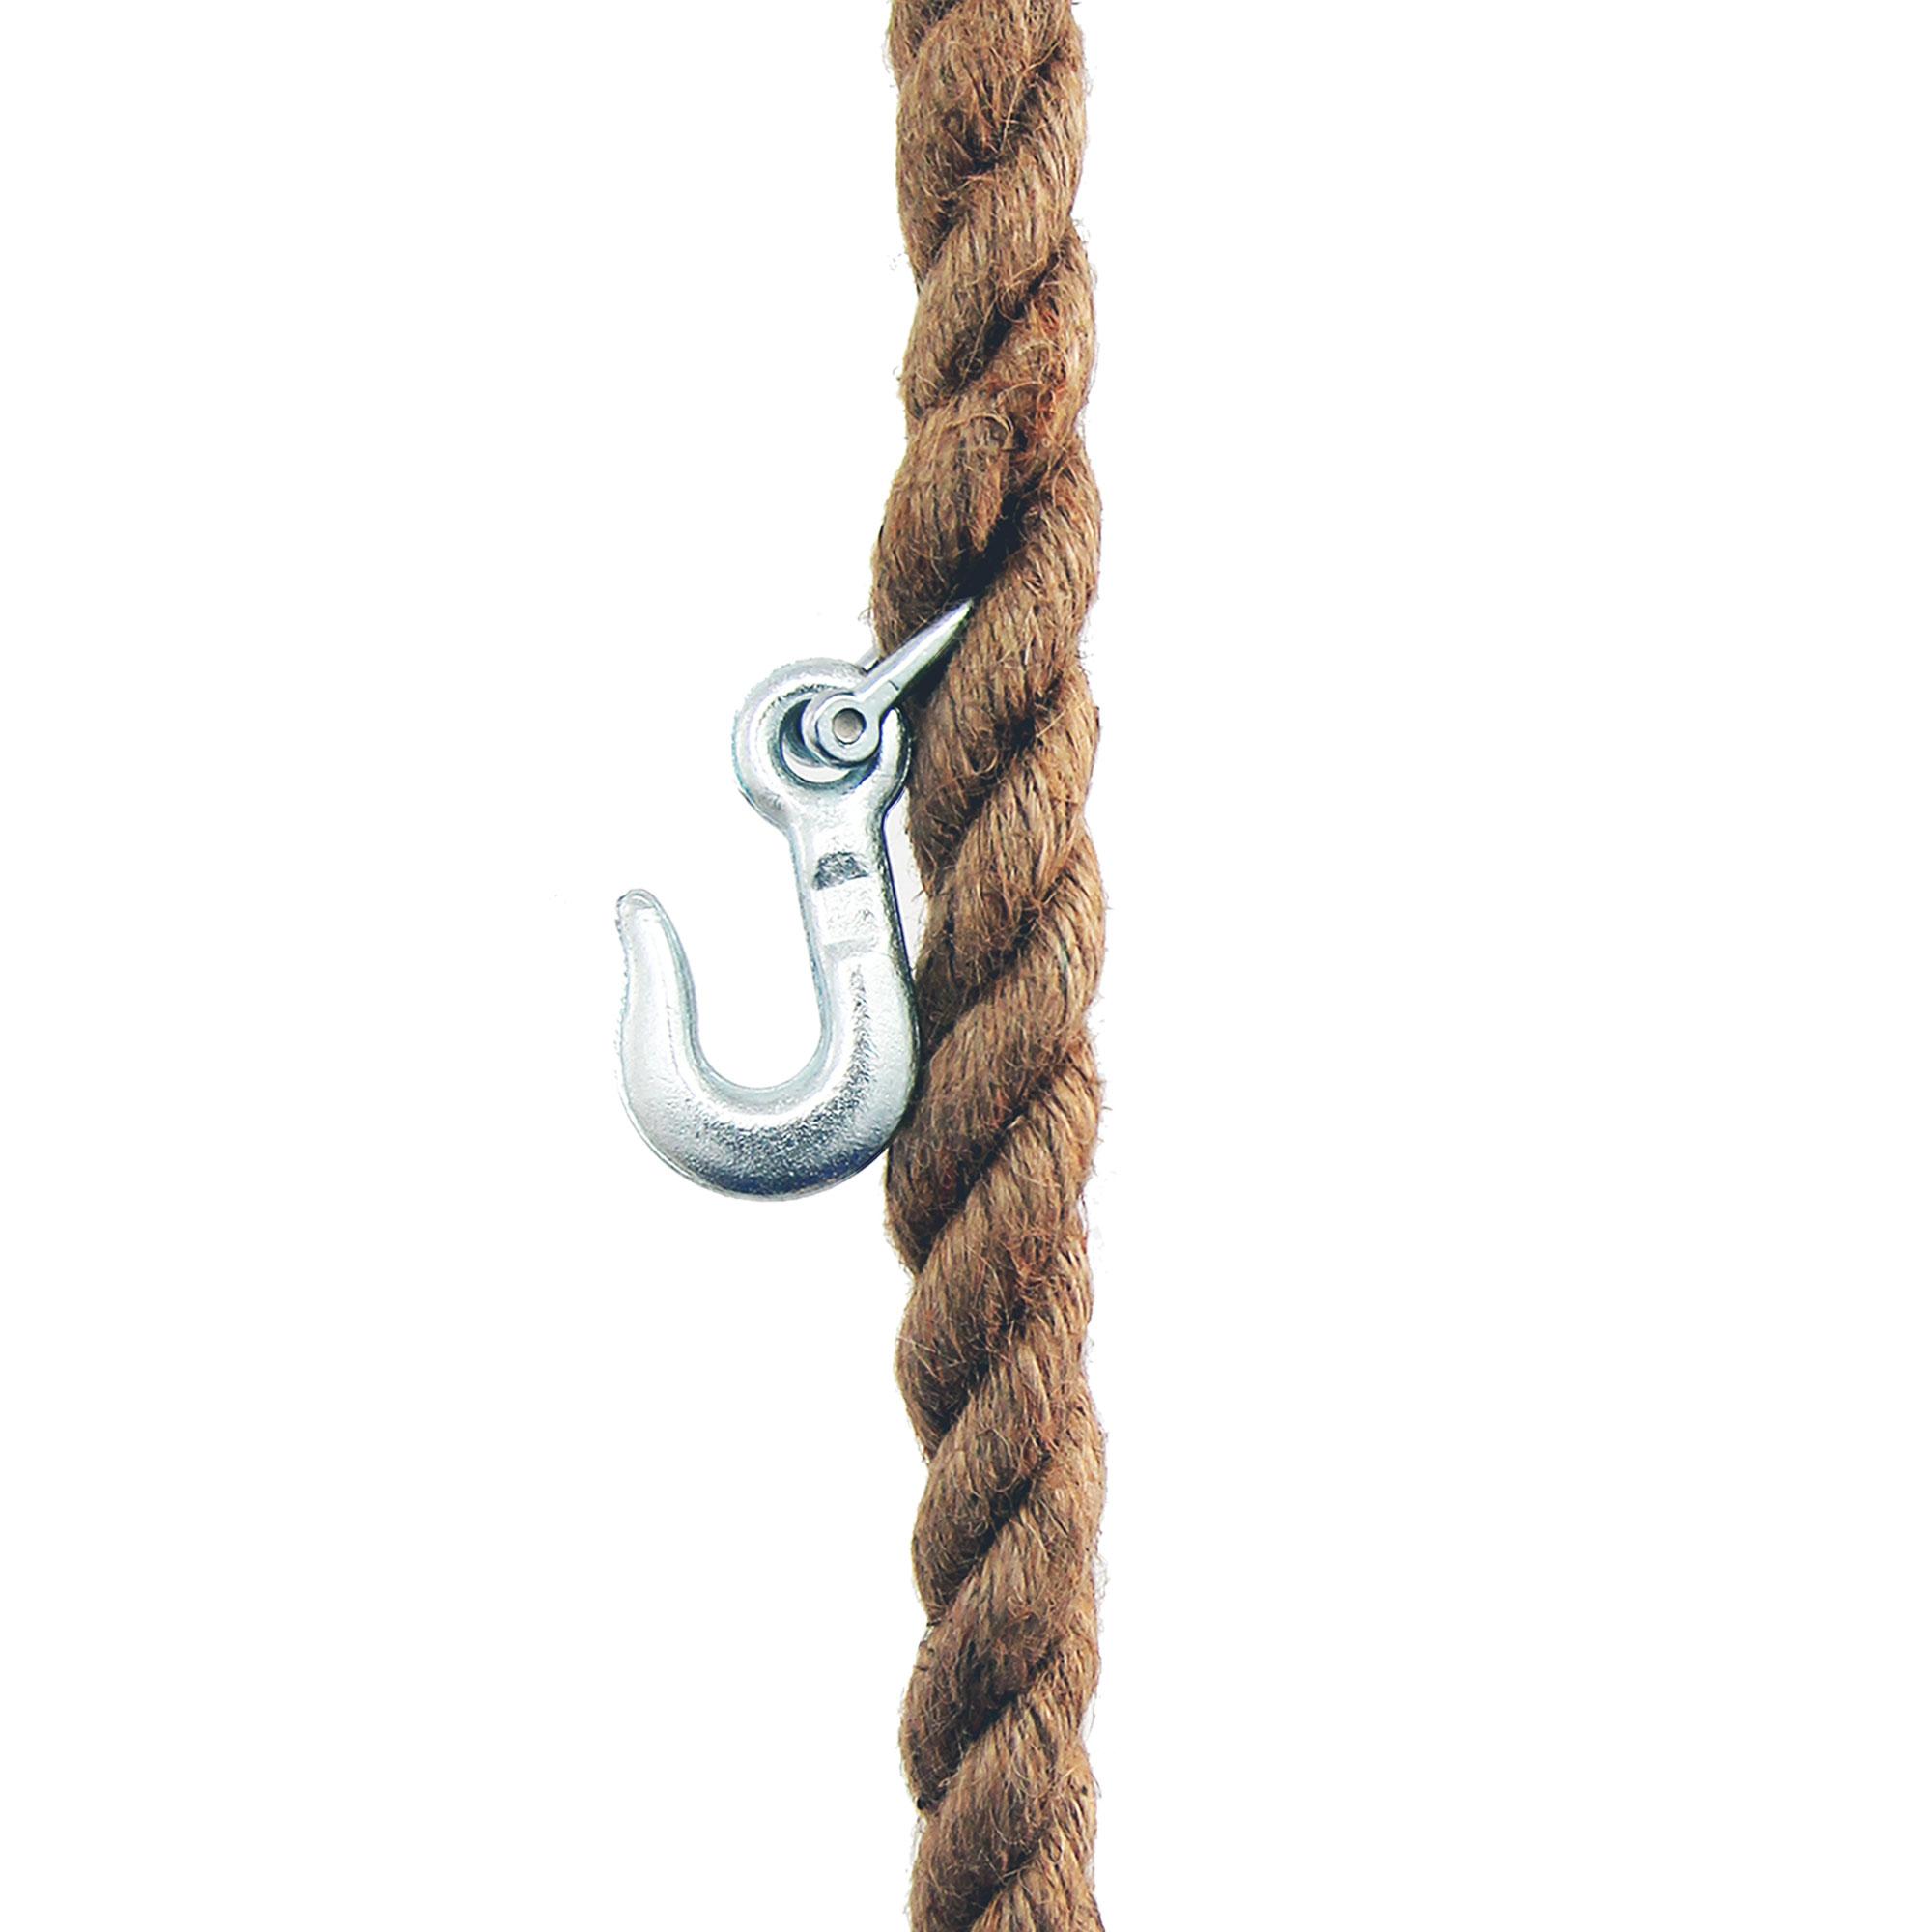 Seilgarderobe hängend aus Jute-Seil